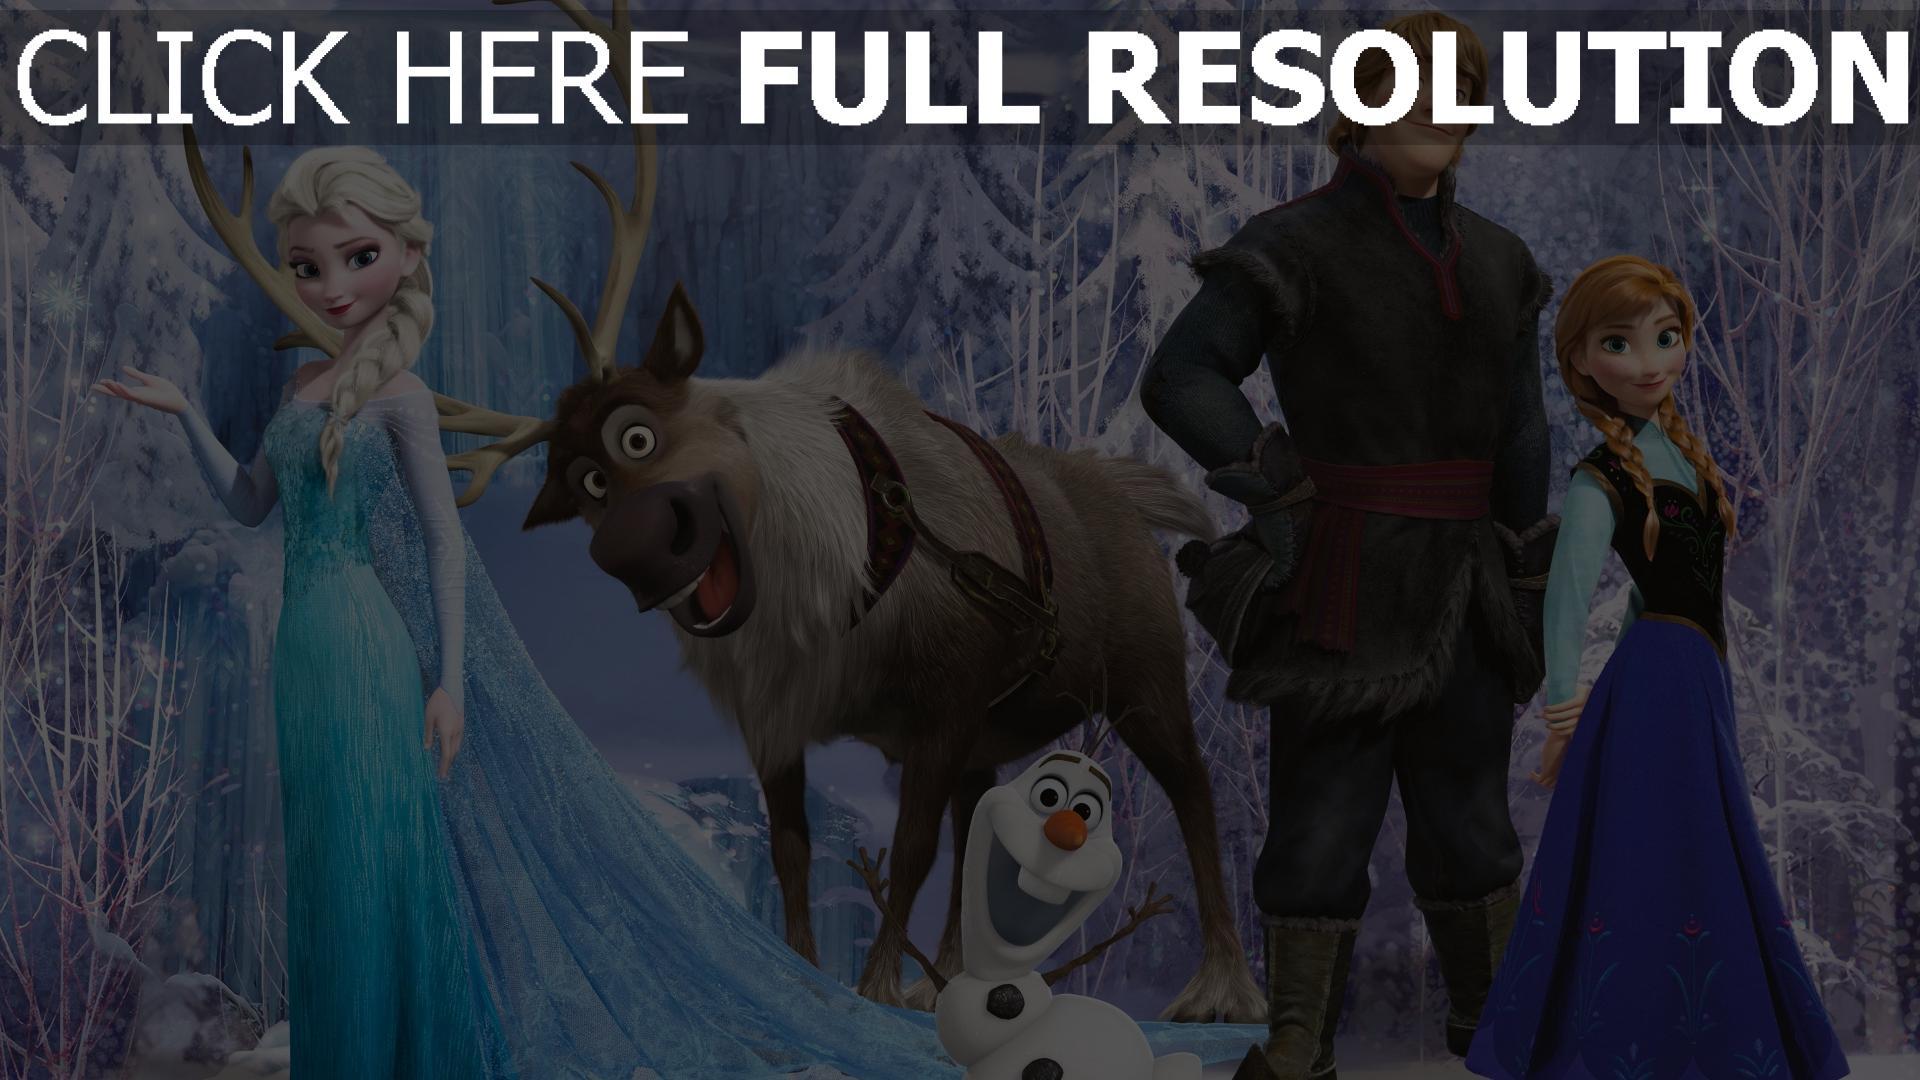 Fond d 39 cran hd la reine des neiges personnages principaux - Telechargement de la reine des neiges ...